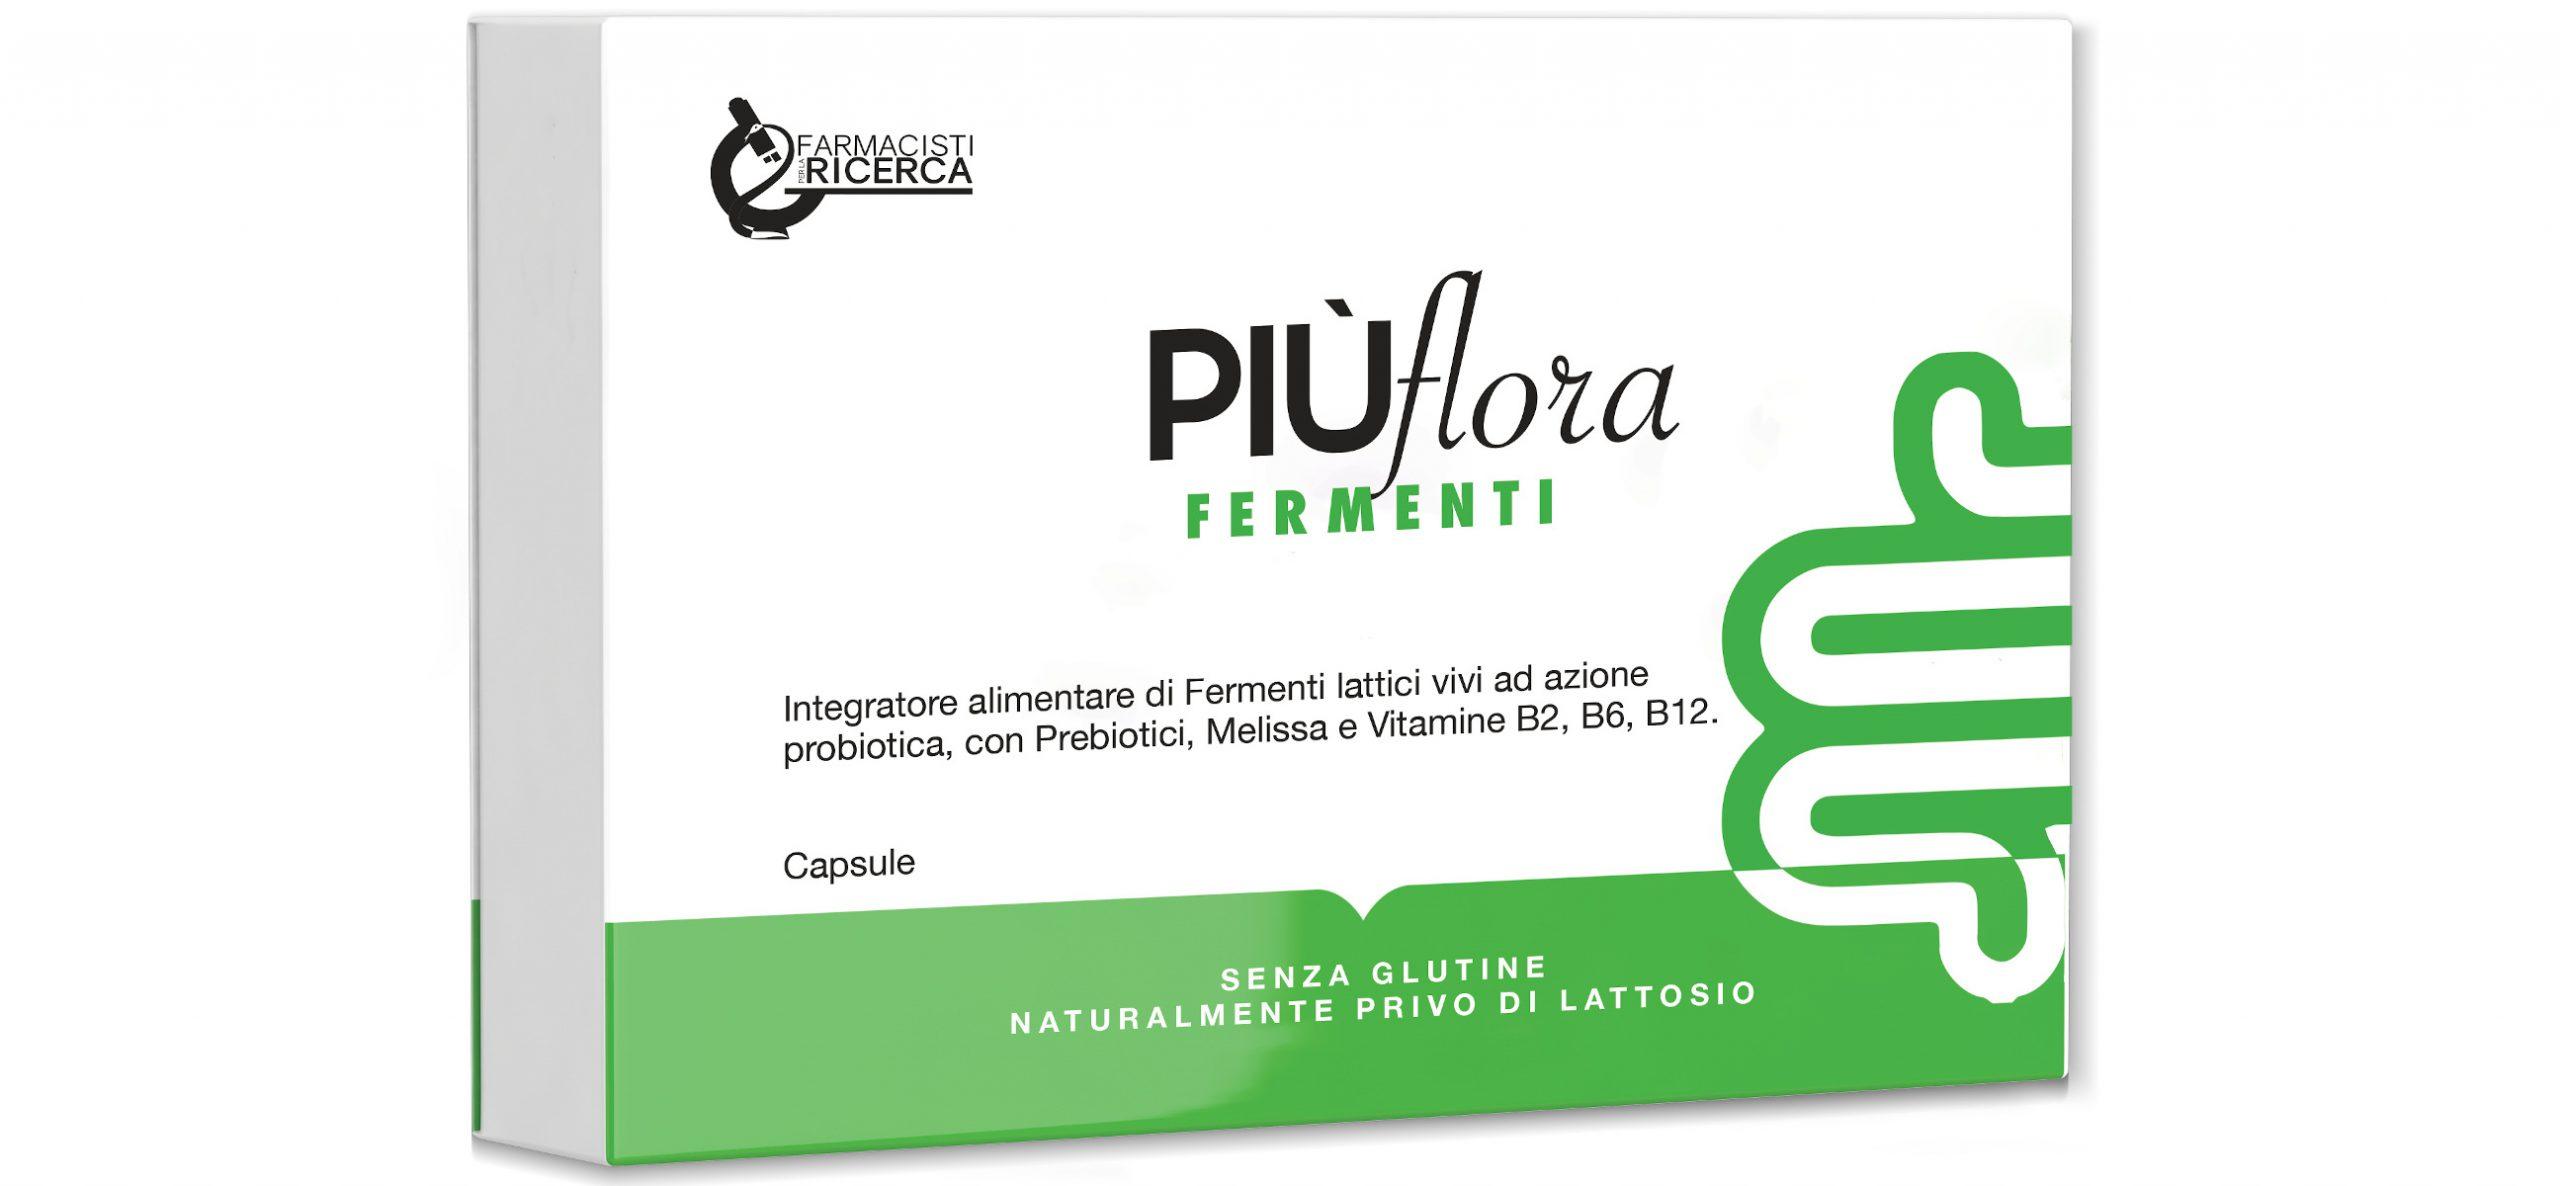 fermenti-integratori-santanna-farmacia2